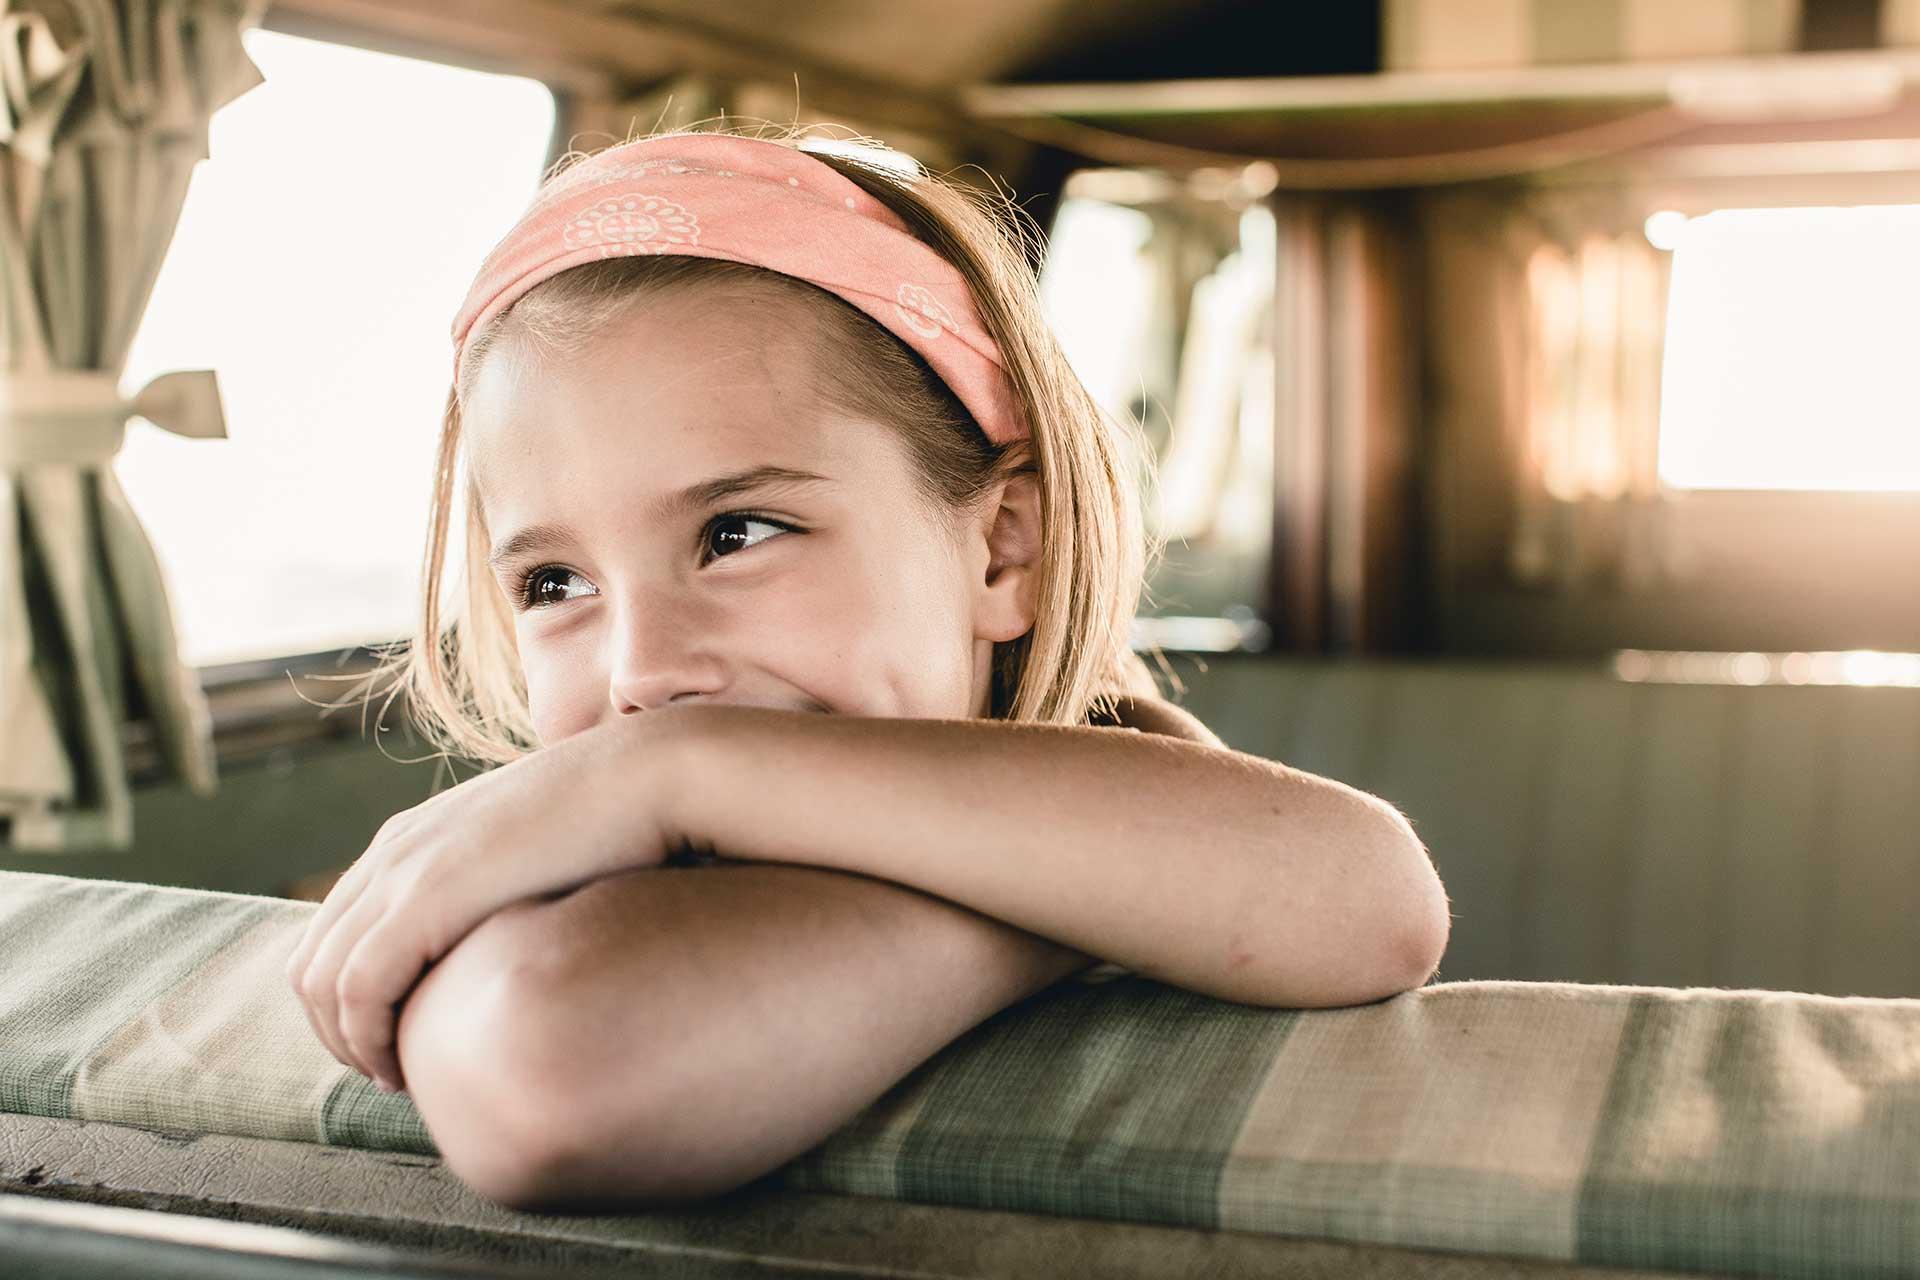 Kinder Fotograf Michael Müller Werbung Lifestyle People Fotoproduktion